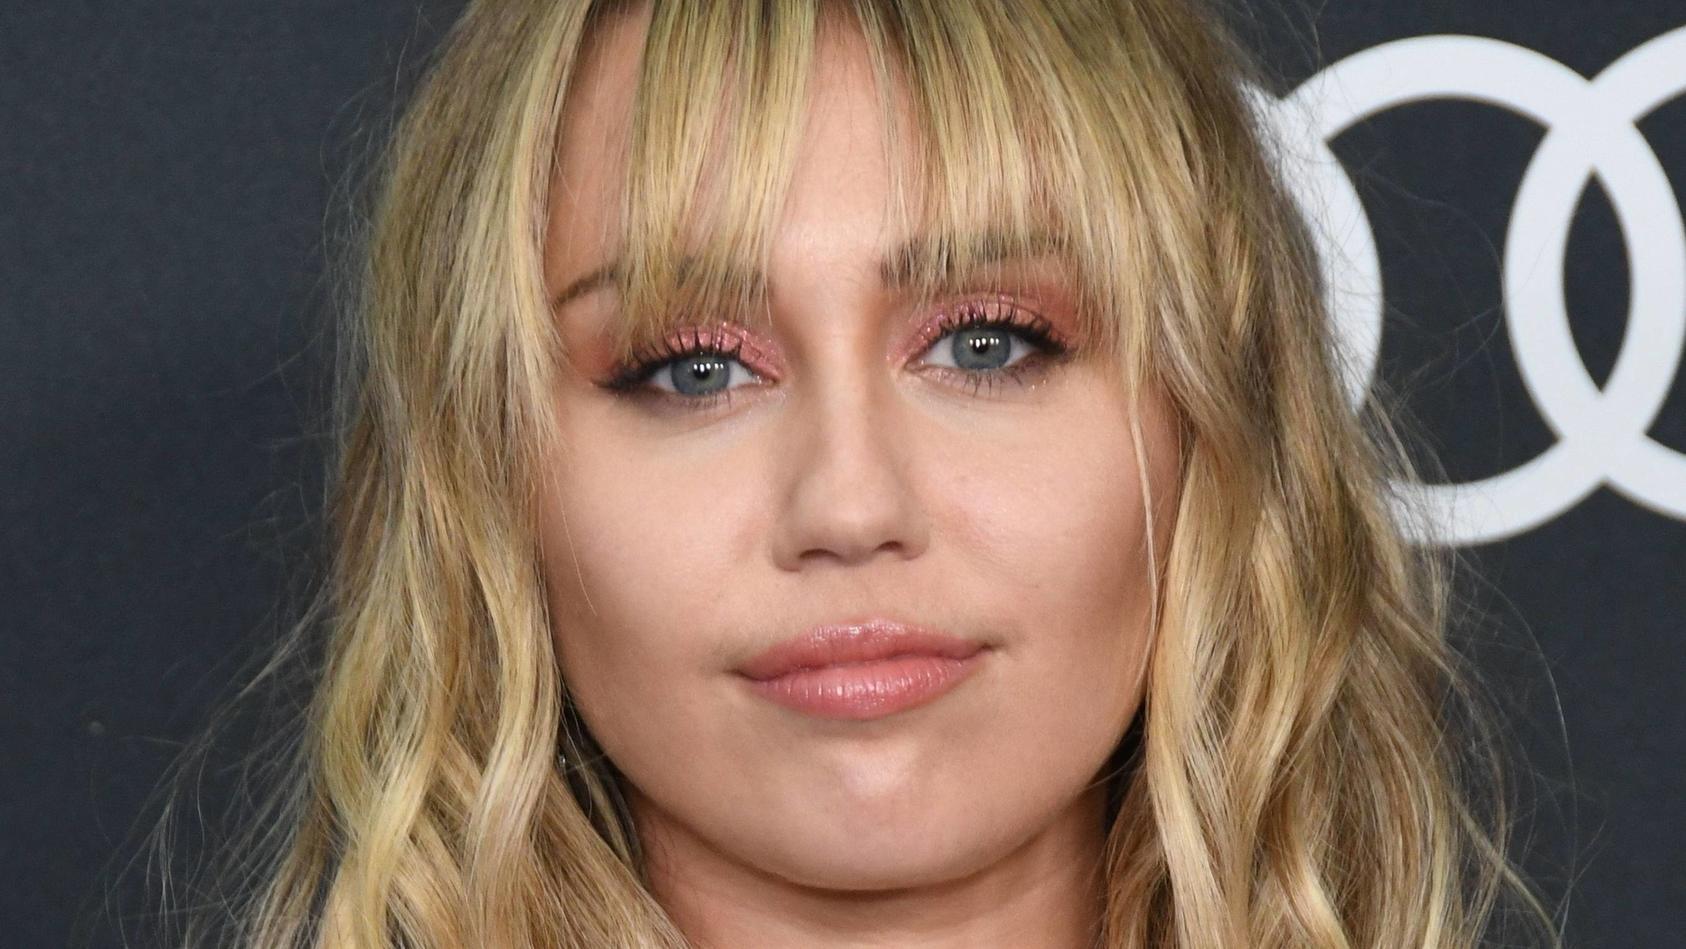 Mit der blonden Wallemähne ist jetzt Schluss, denn Miley Cyrus trägt jetzt Vokuhila.